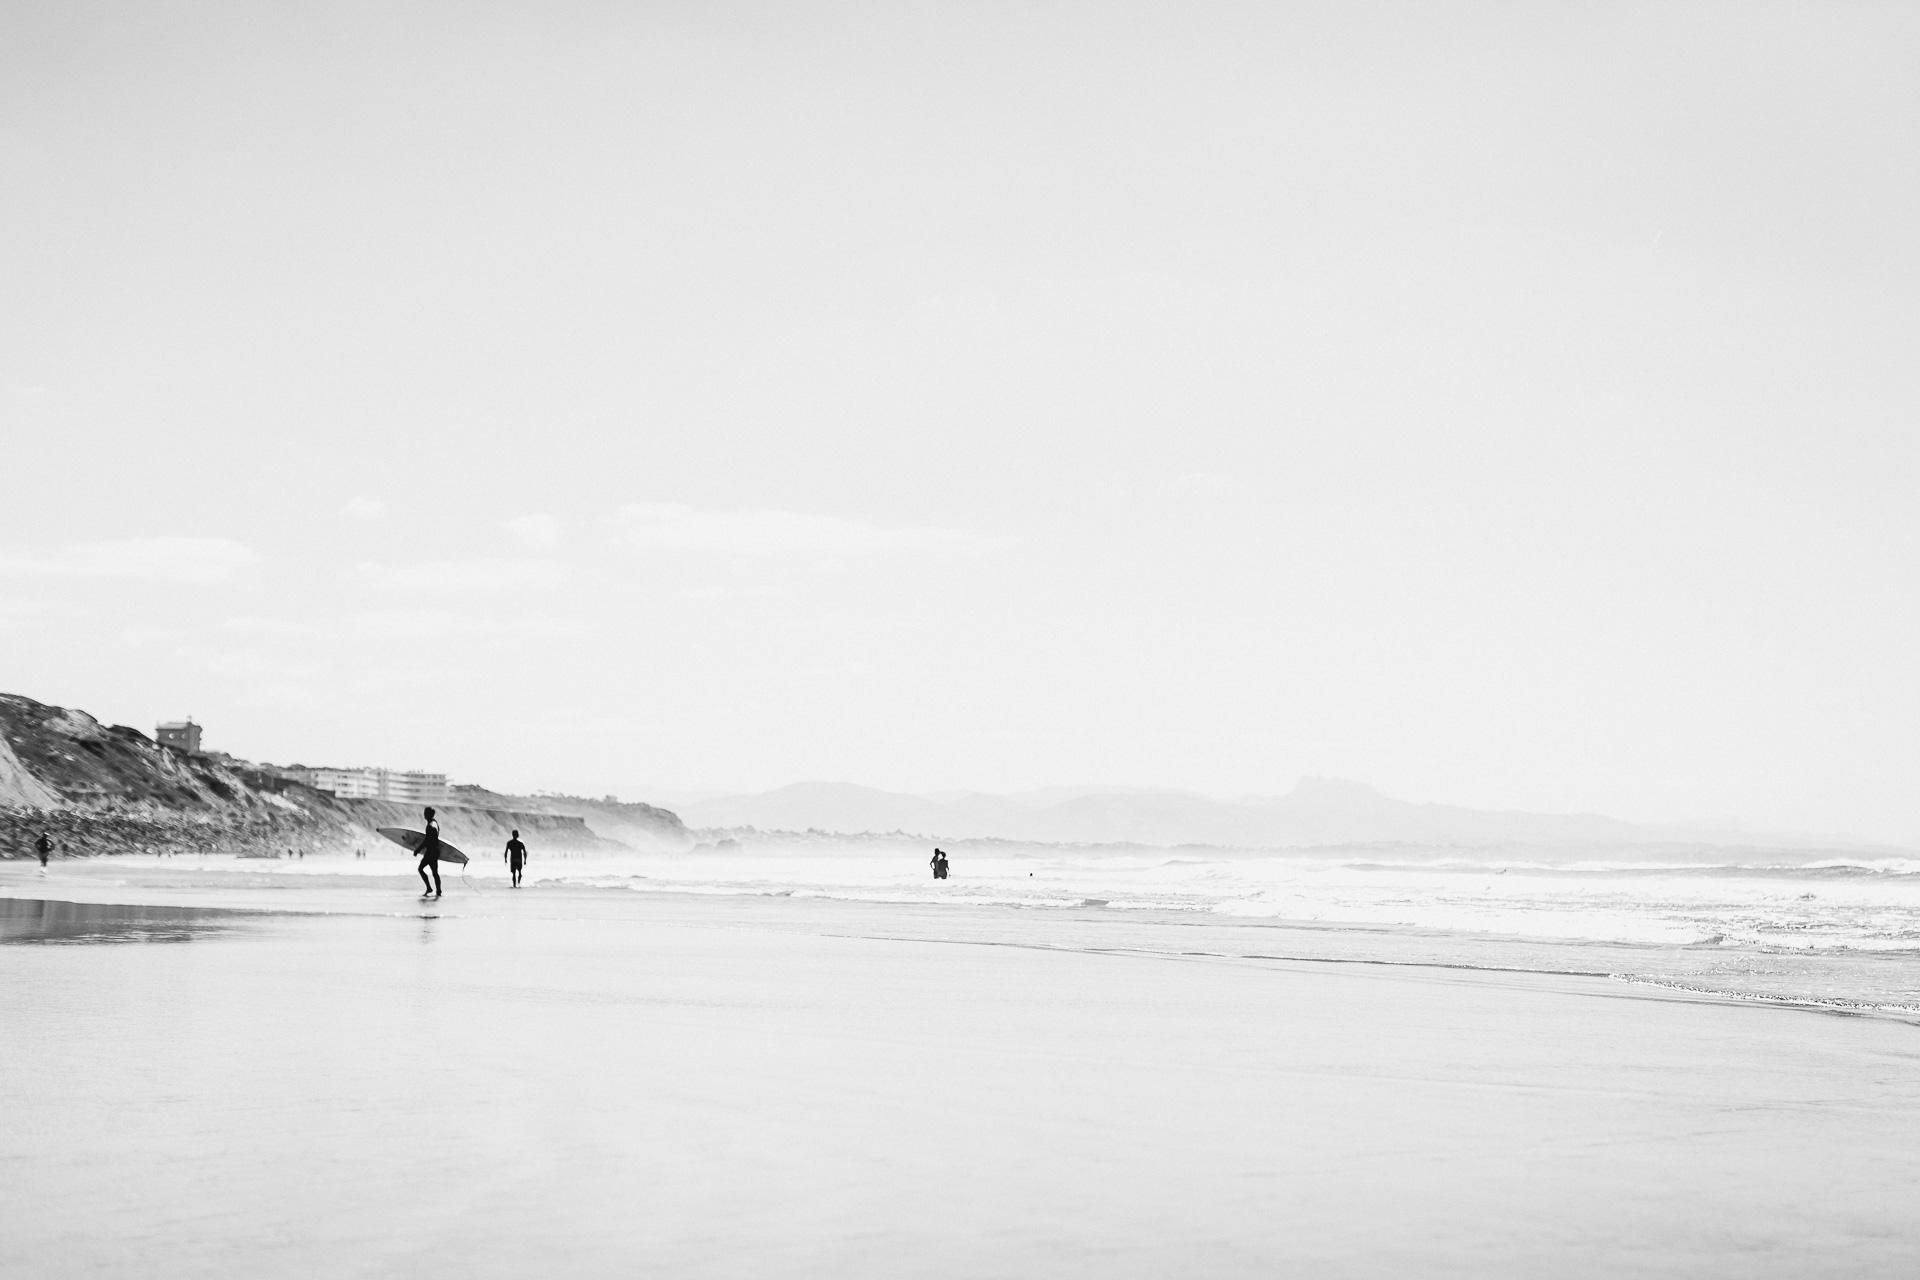 Damien-Dohmen-photographe-Ocean-7